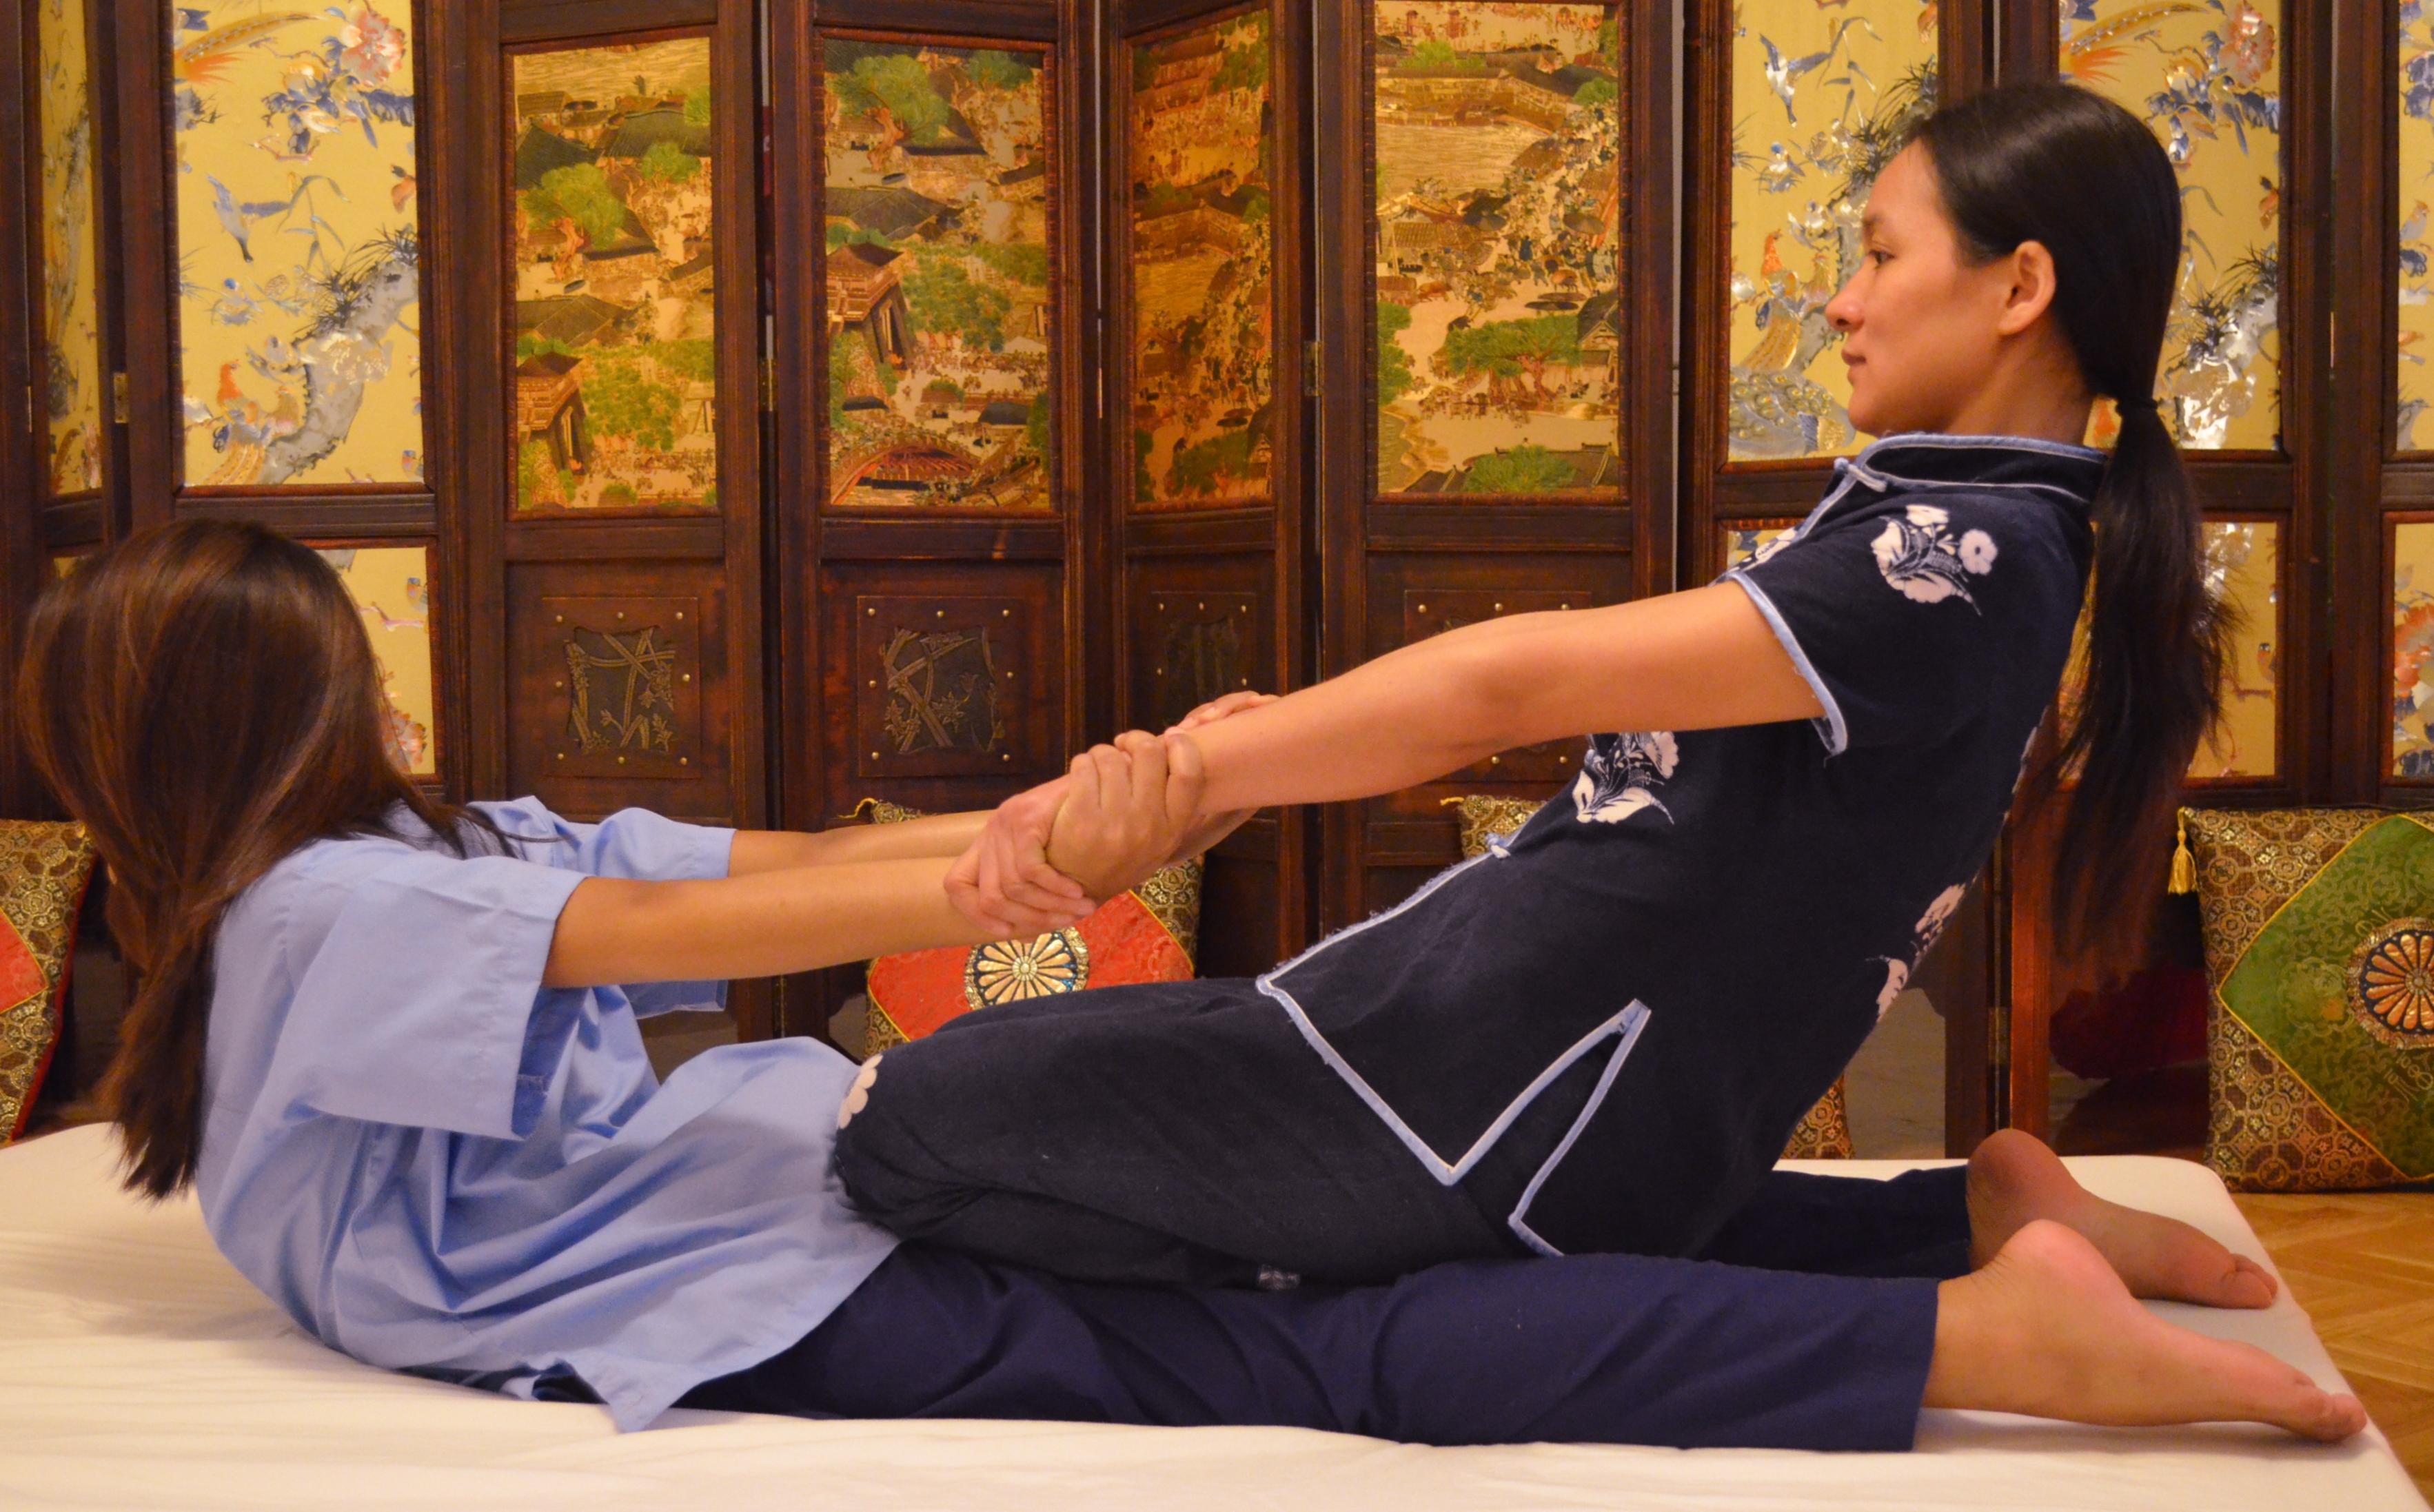 Conocemos técnicas de masaje chino tailandés y japonés-4029